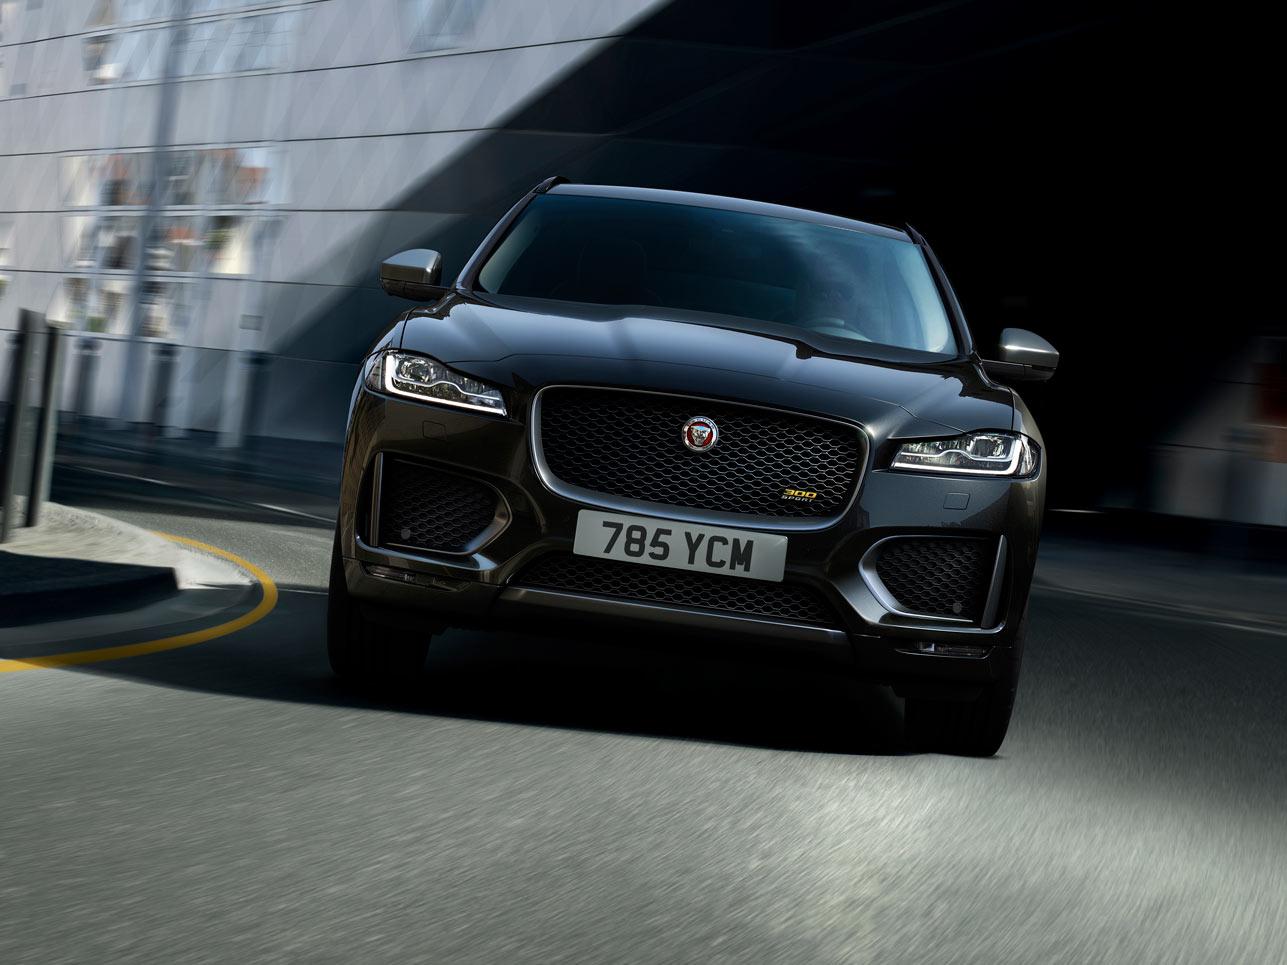 Modelljahr 2020 Sondereditionen Fur Den Jaguar F Pace Fat